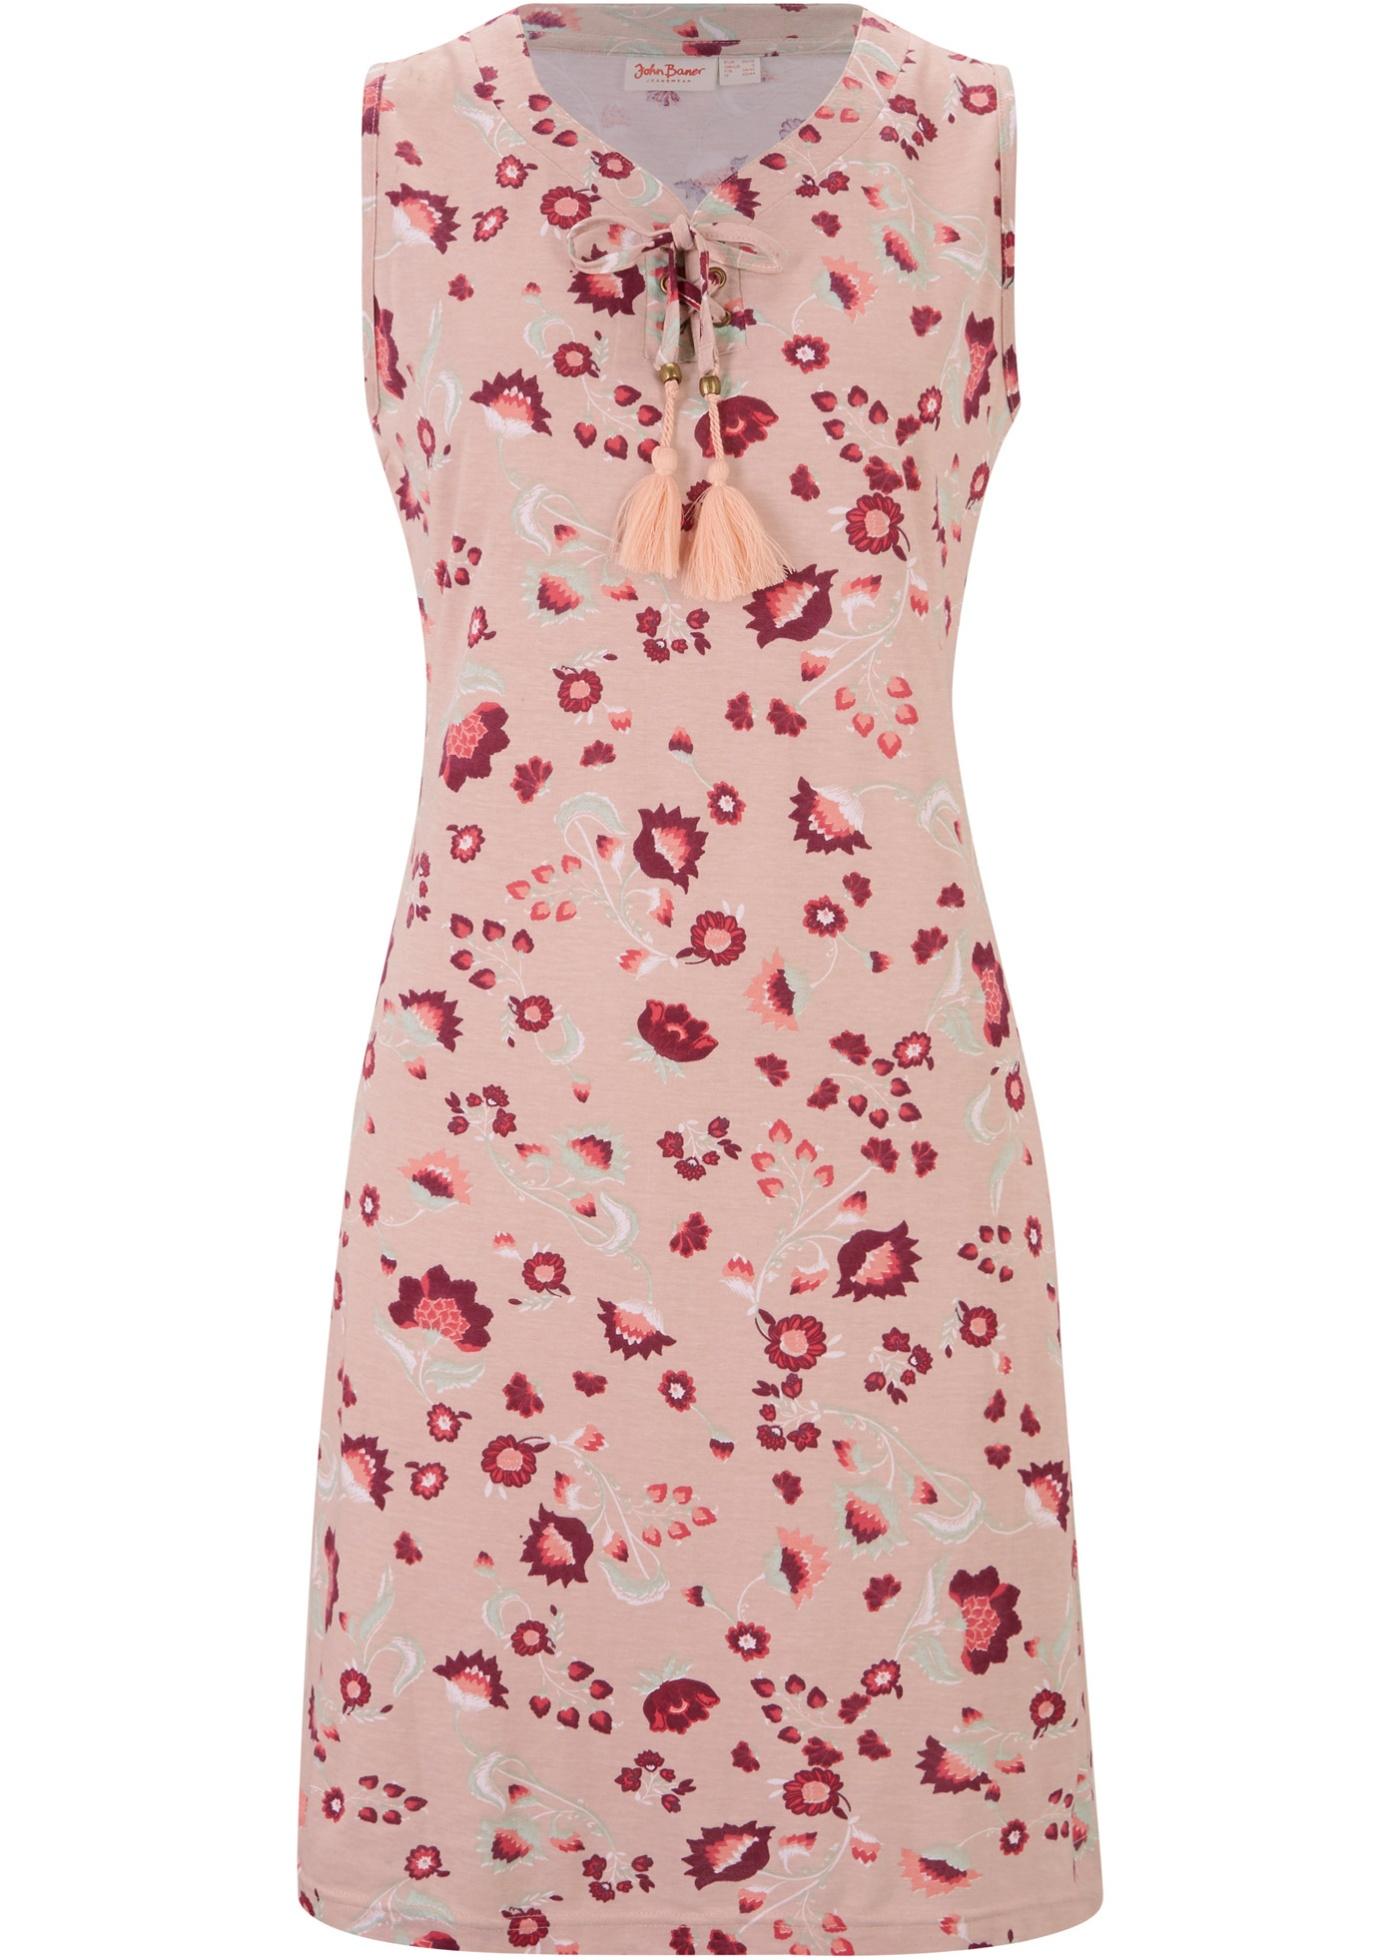 Levné Úpletové šaty s potiskem, bez rukávu | Béžová barva šatů